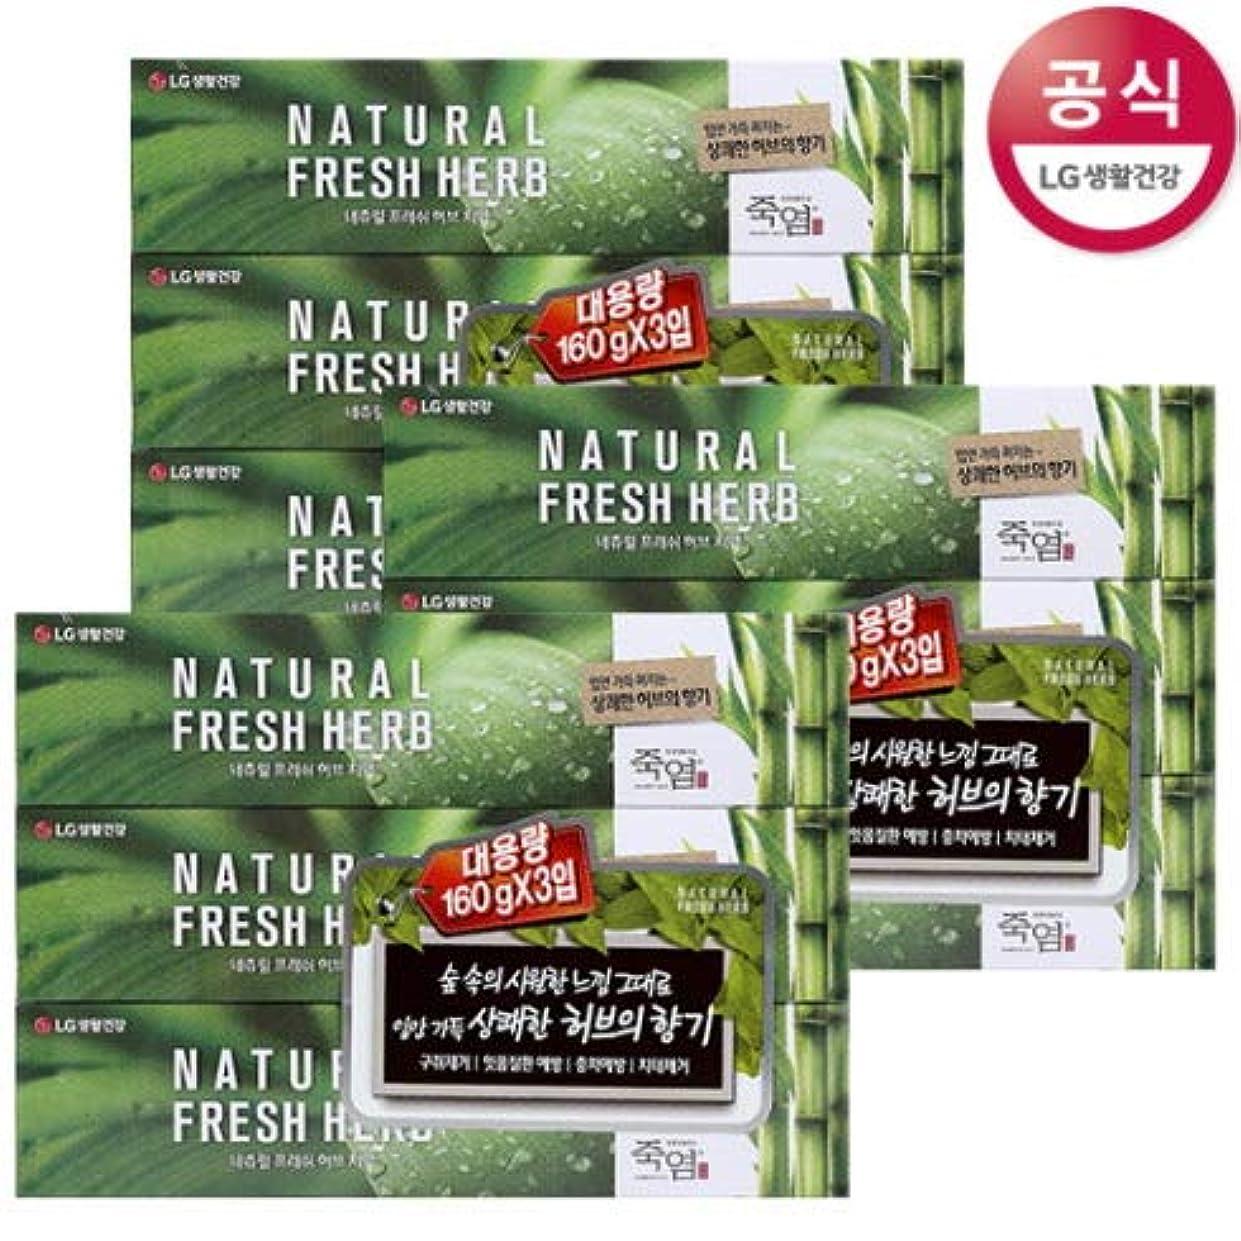 ポジション牧草地蒸留する[LG HnB] Bamboo Salt Natural Fresh Herbal Toothpaste/竹塩ナチュラルフレッシュハーブ歯磨き粉 160gx9個(海外直送品)